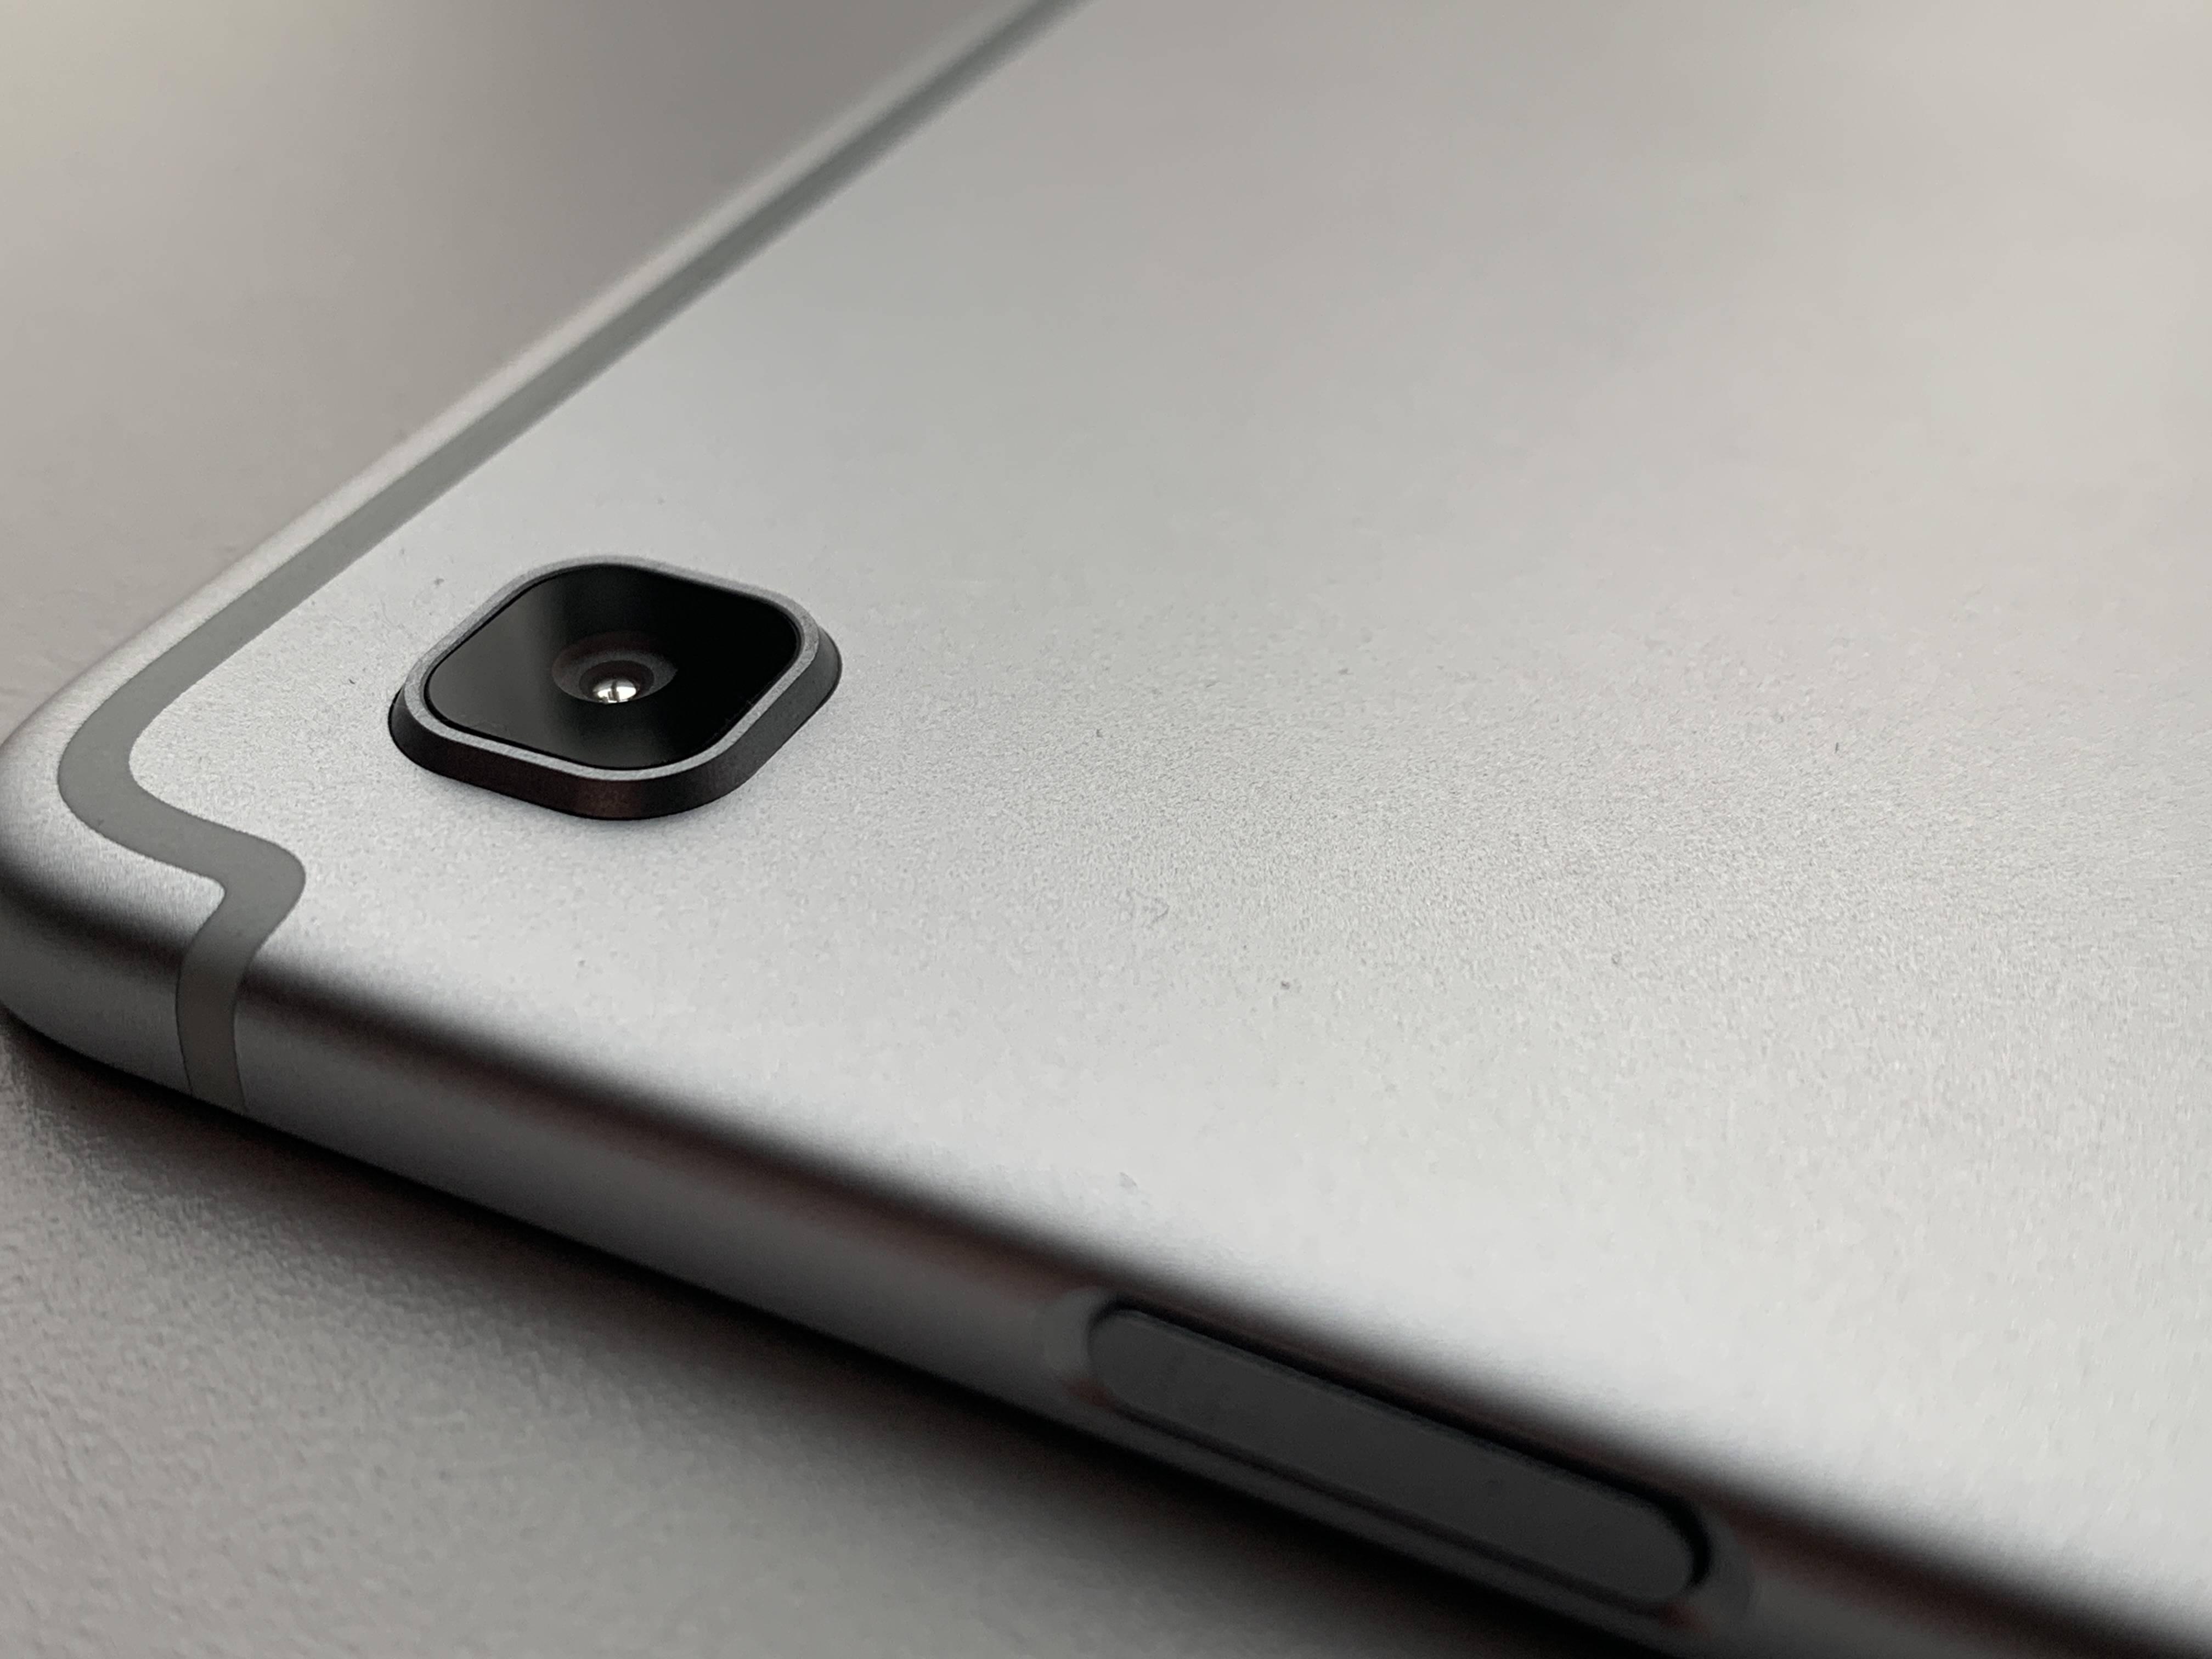 Aún queda esperanza en las tablets con Android: Review del Samsung Galaxy Tab S5e [FW Labs]